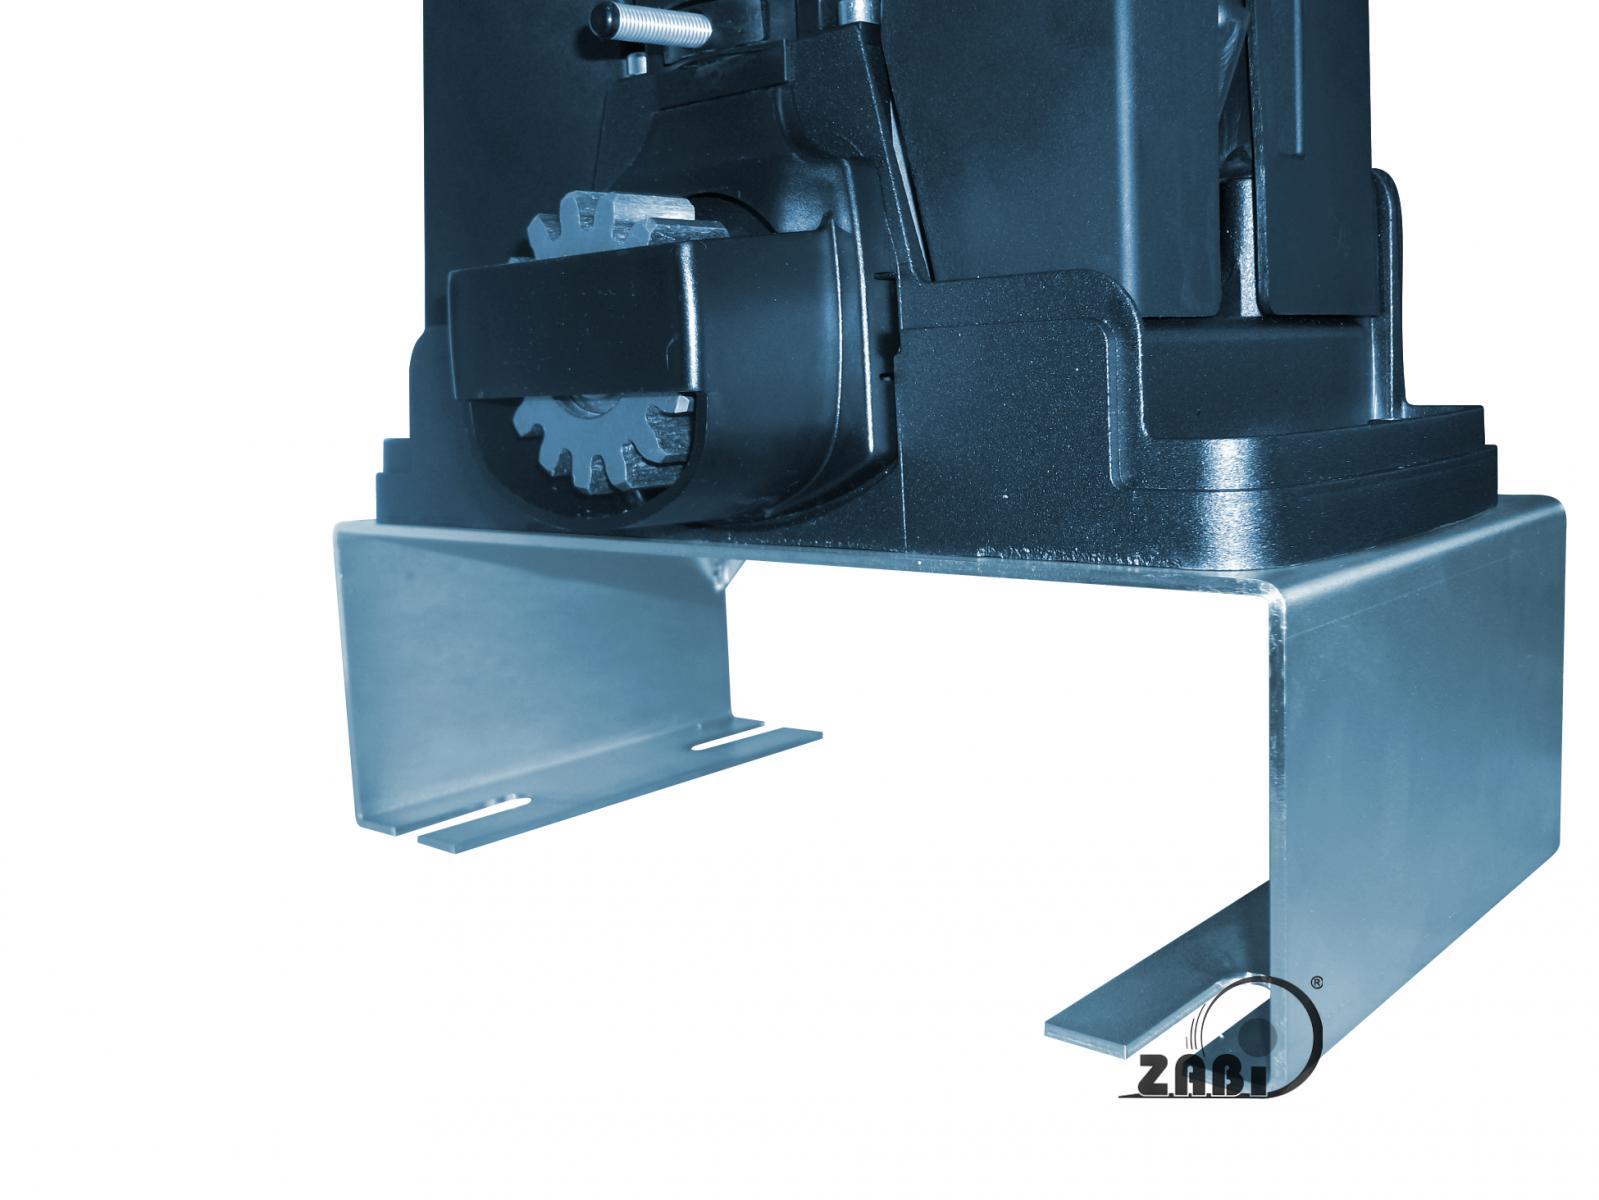 Konzola pro pohon ROGER TECHNOLOGY - série H30